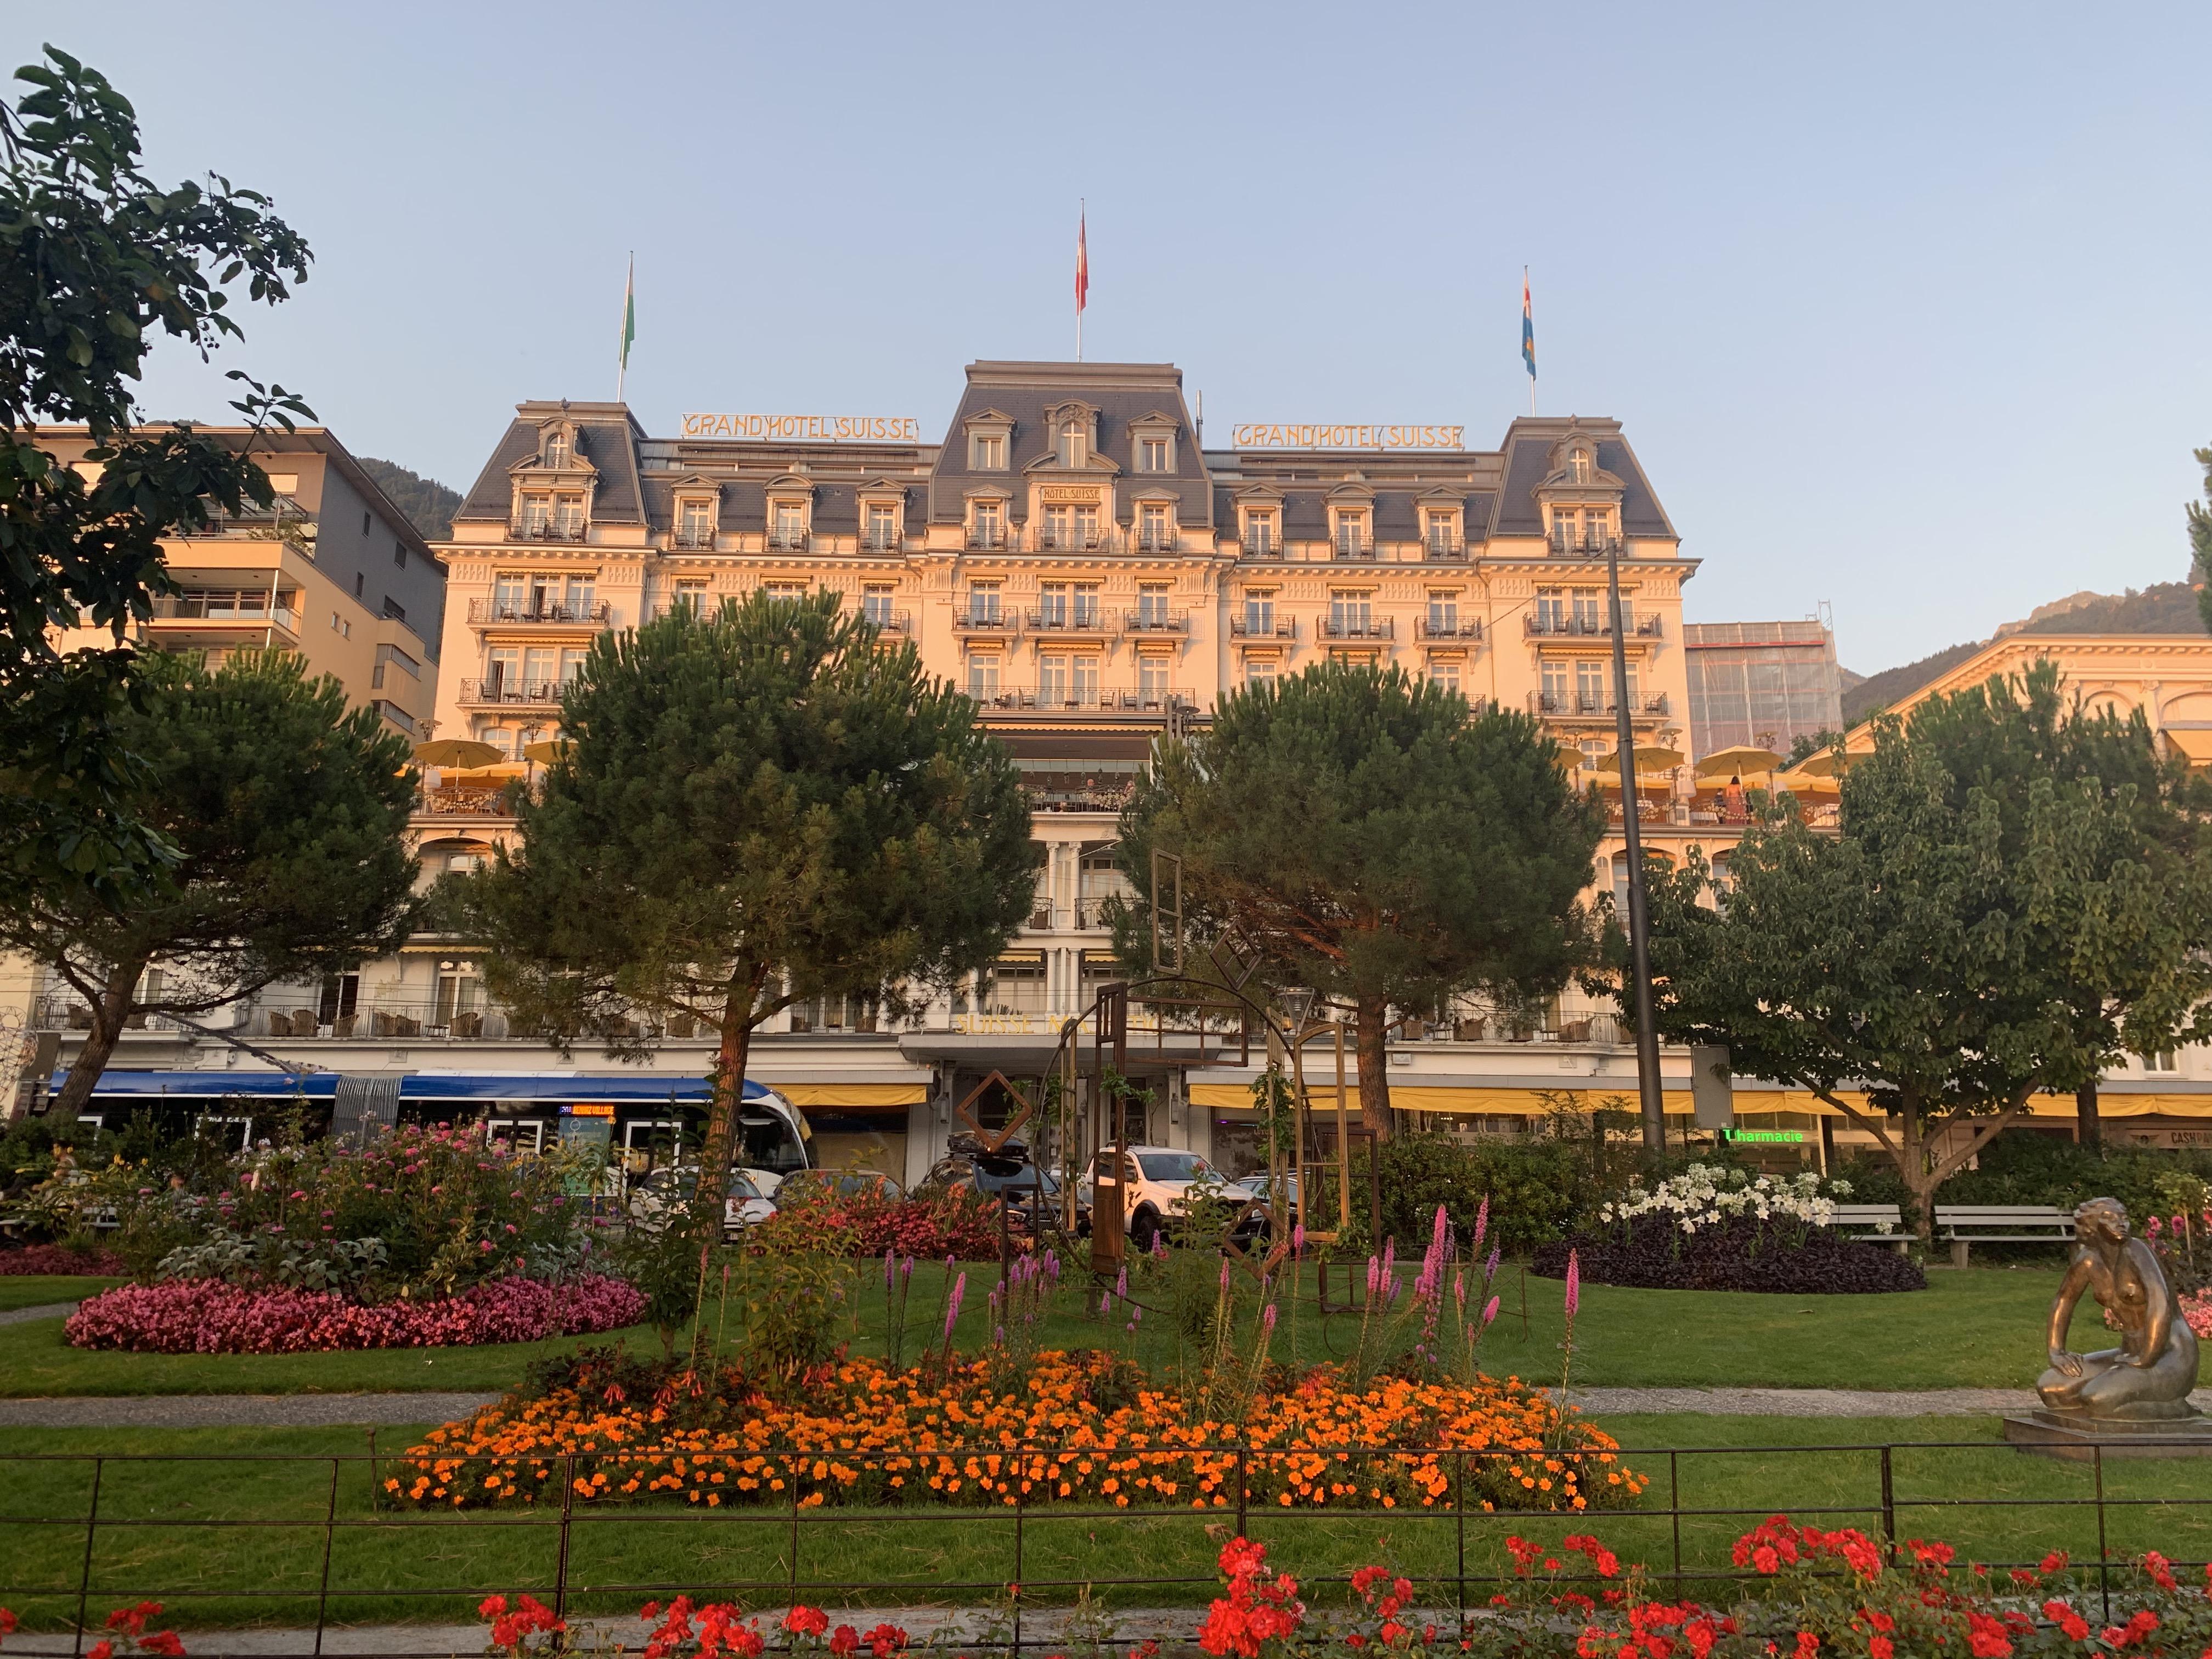 A arquitetura Belle Époque que predomina na orla de Montreux